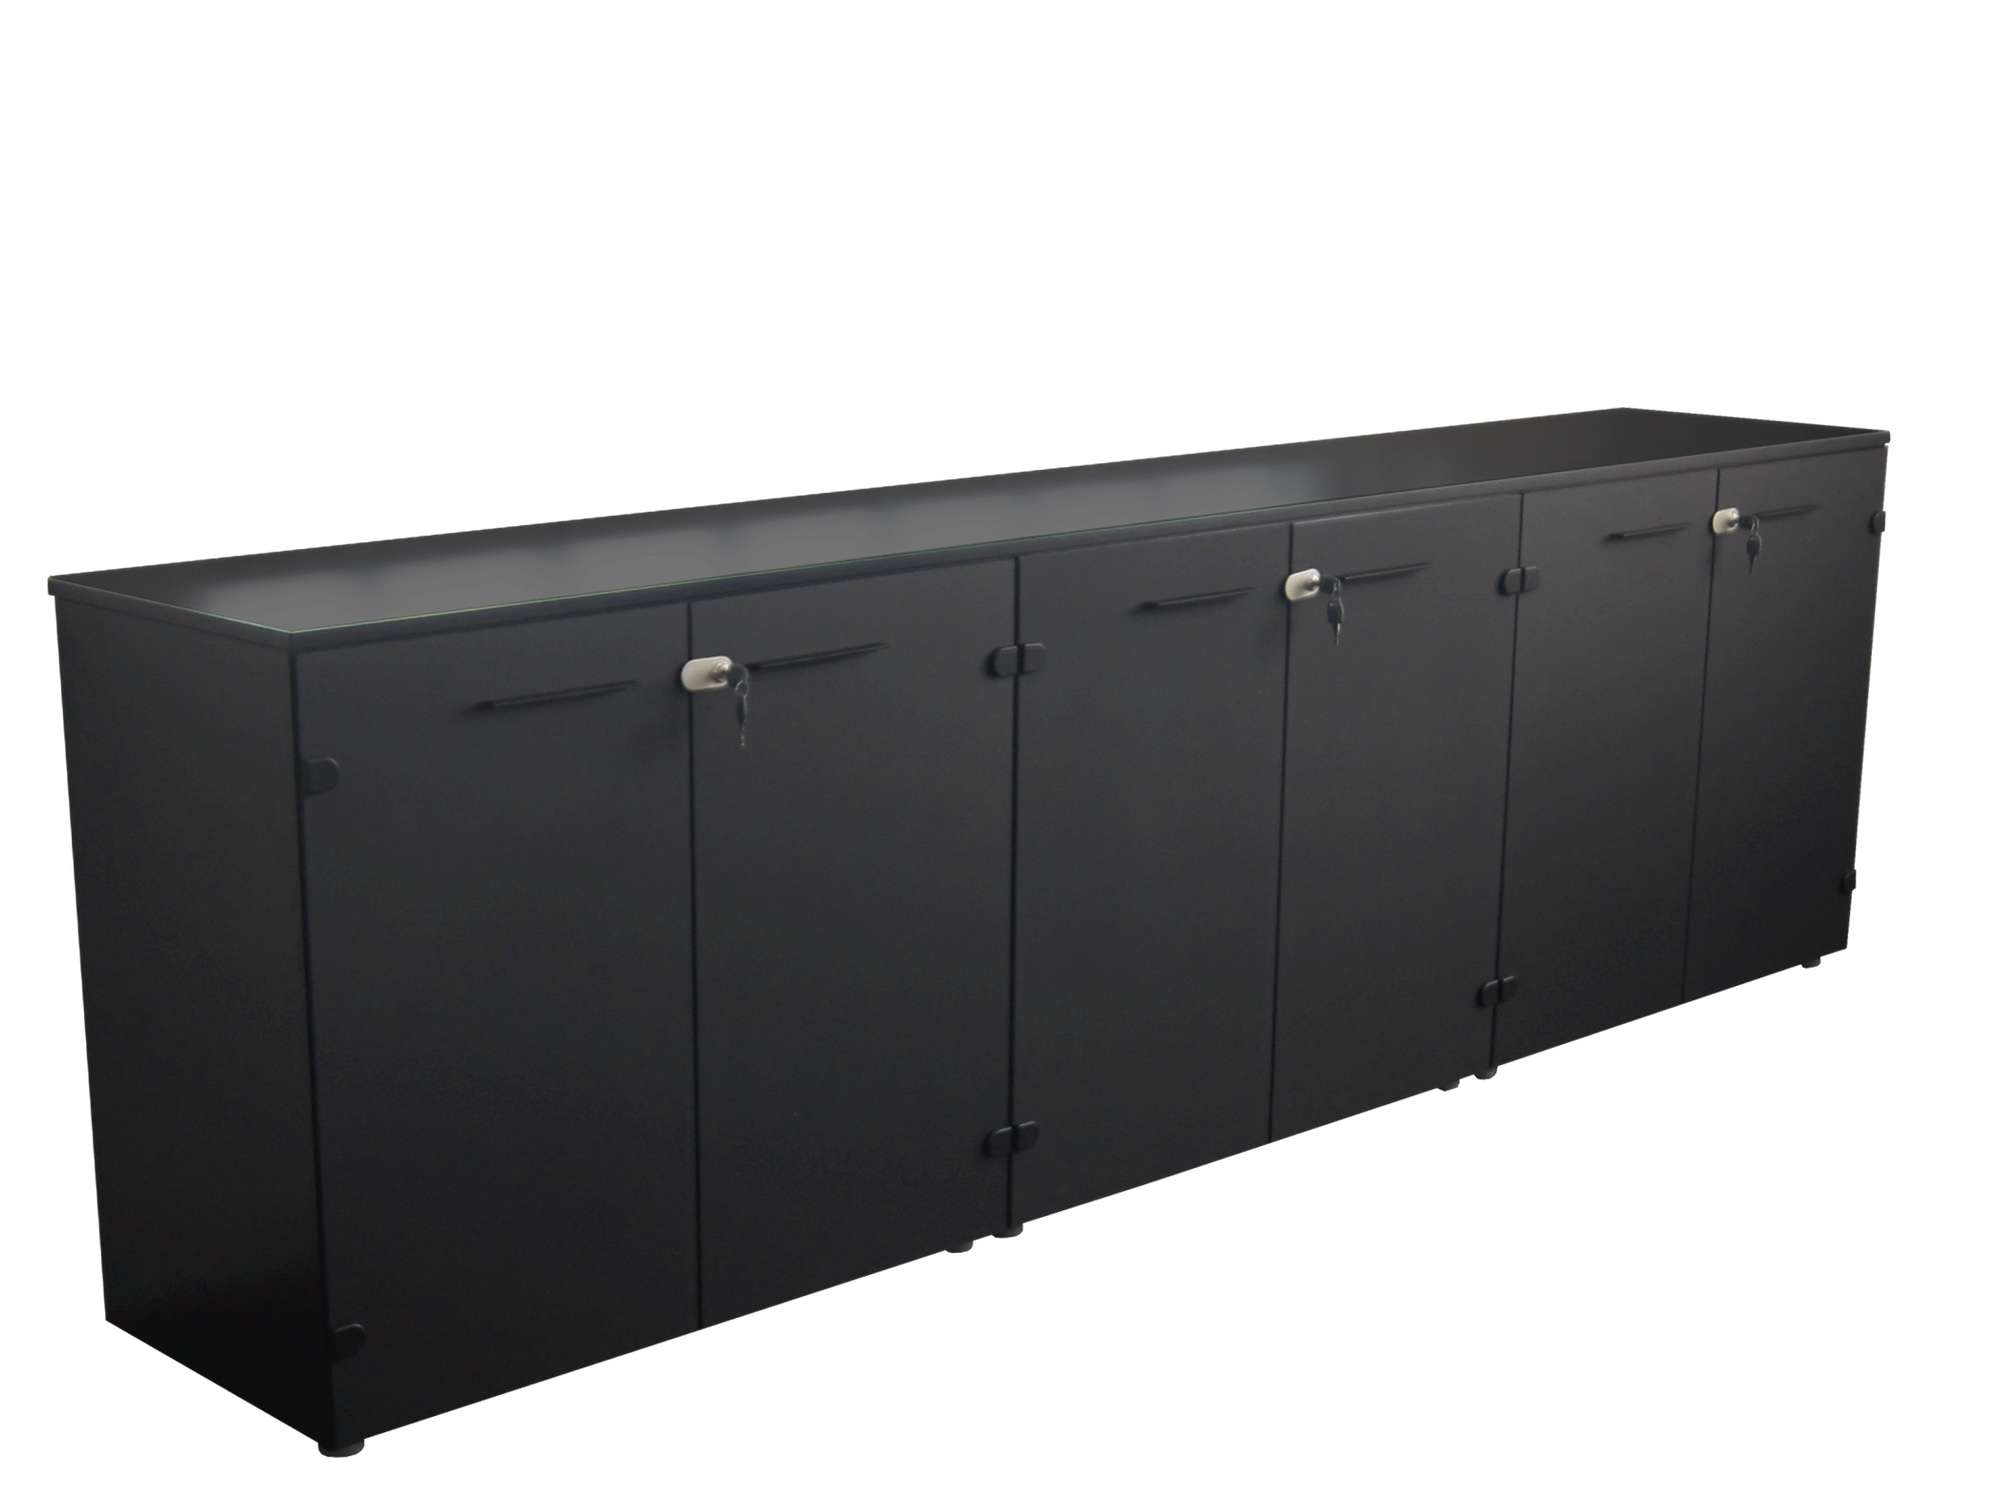 sideboard schwarz glas tv schrank board lowboard sideboard schwarz glas with sideboard schwarz. Black Bedroom Furniture Sets. Home Design Ideas